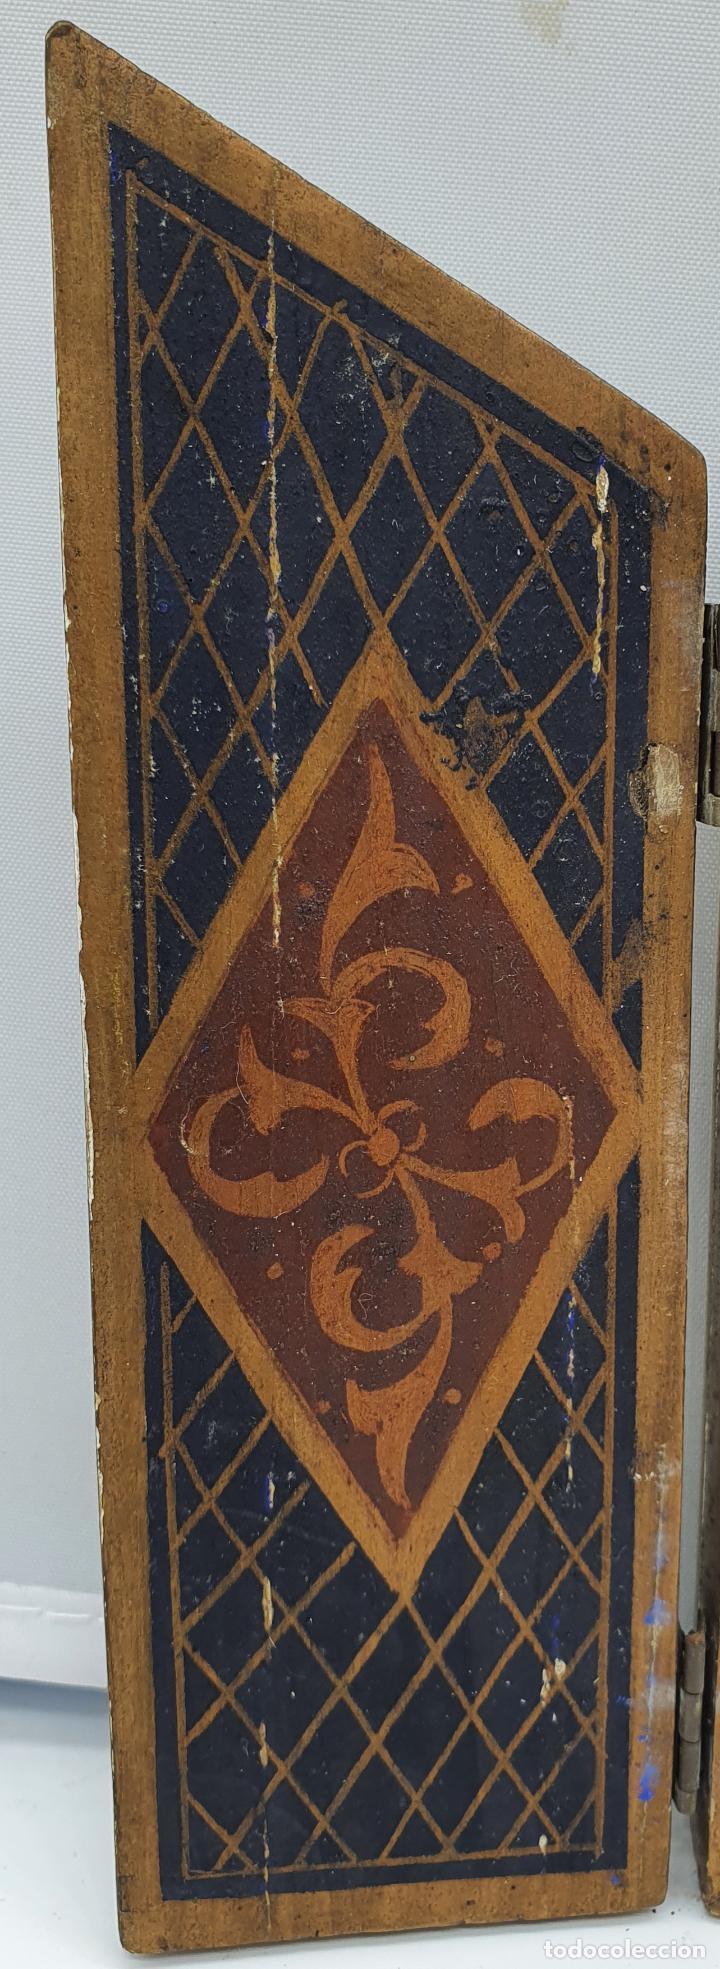 Arte: Precioso tríptico antiguo de estilo renacentista en madera con acabado en estuco . - Foto 3 - 238309120